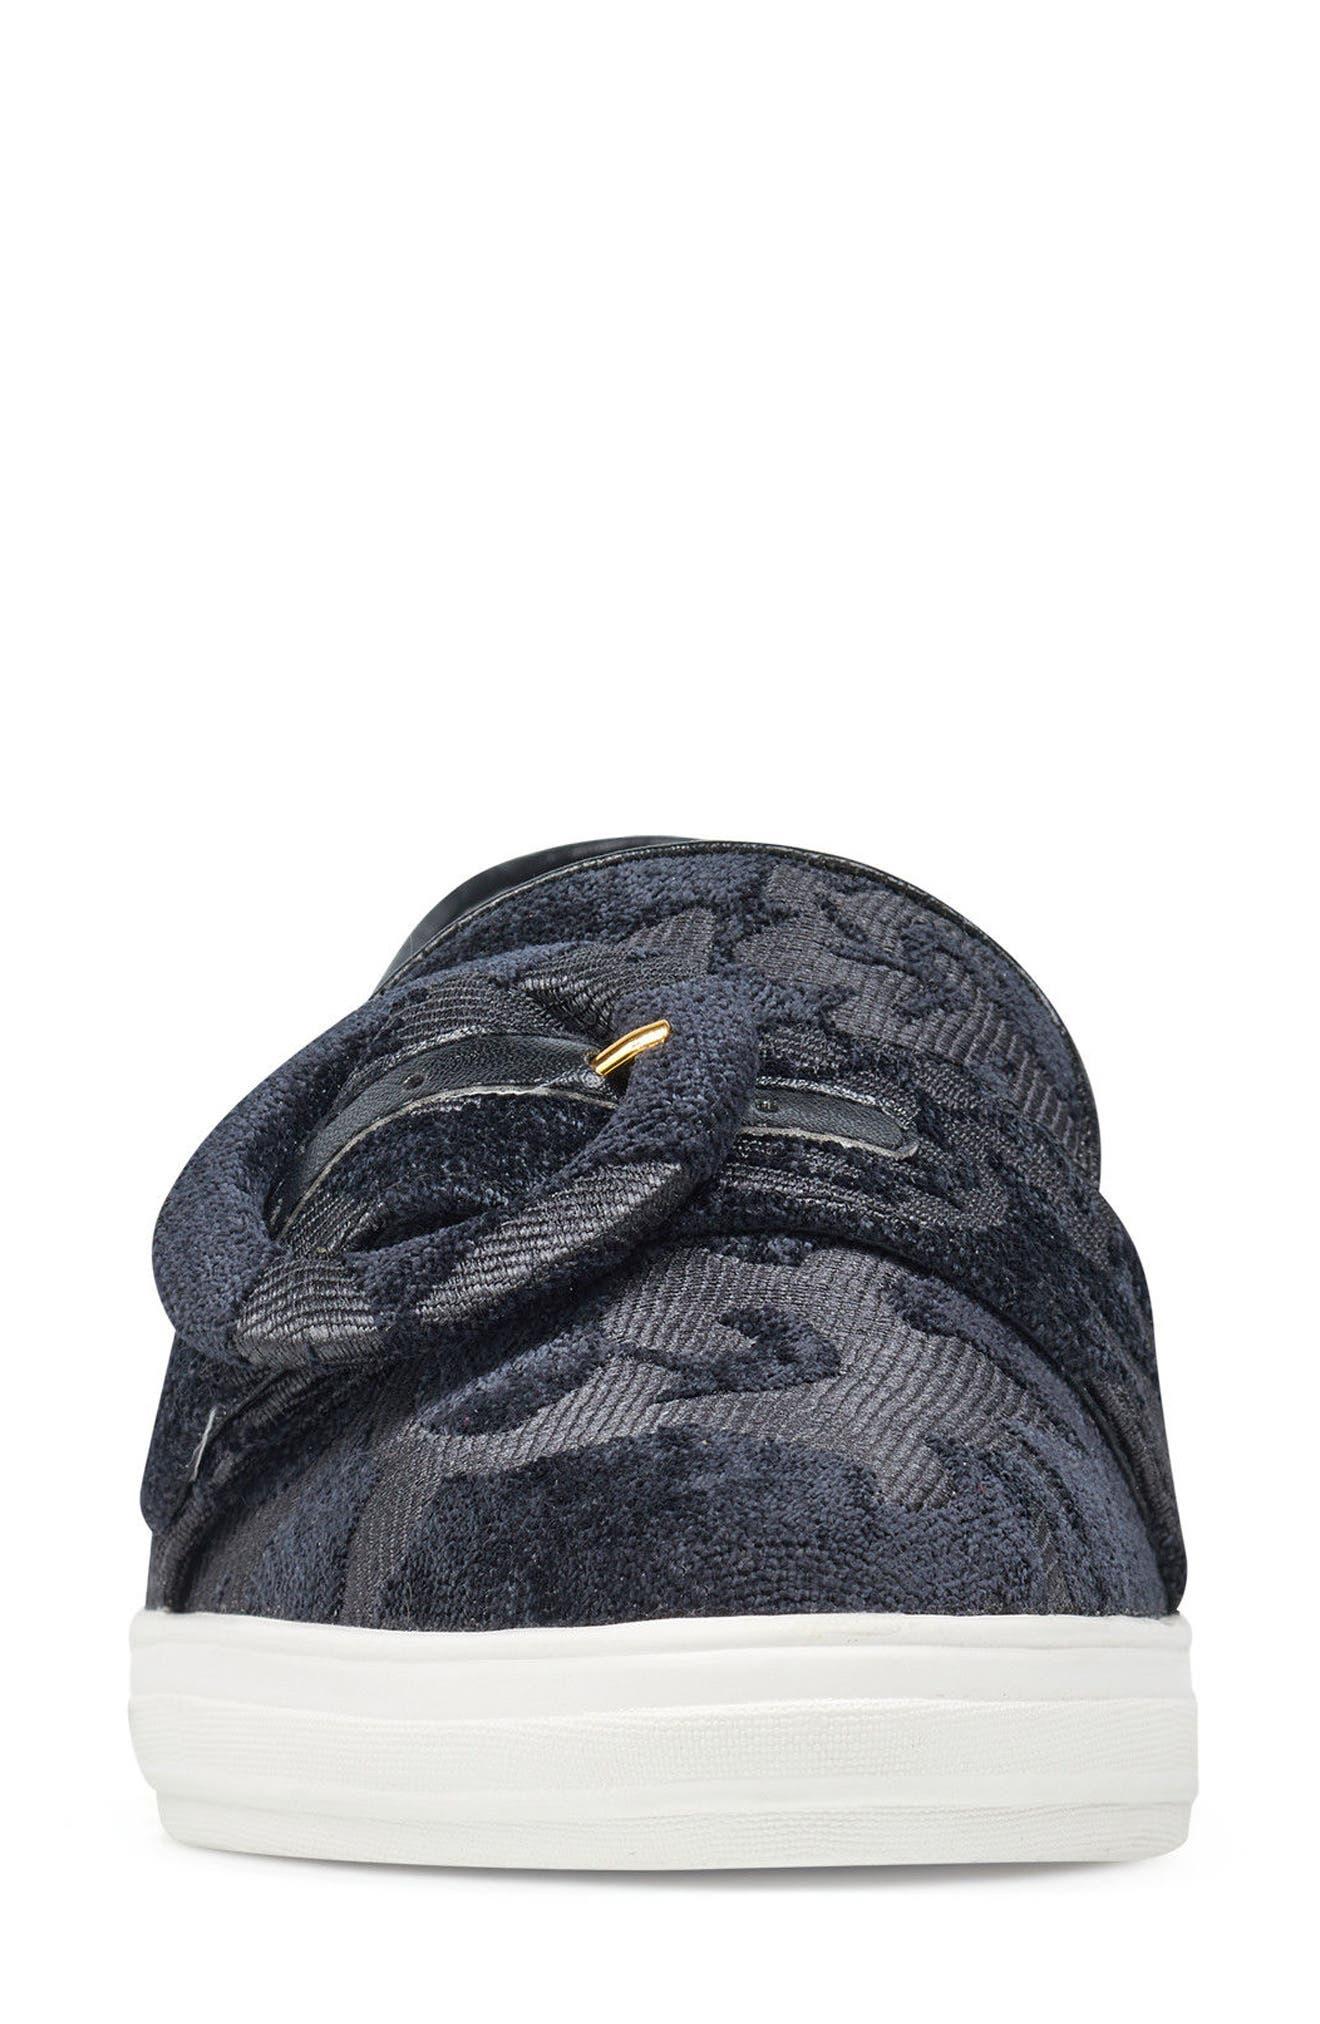 Shireene Slip-On Sneaker,                             Alternate thumbnail 4, color,                             002